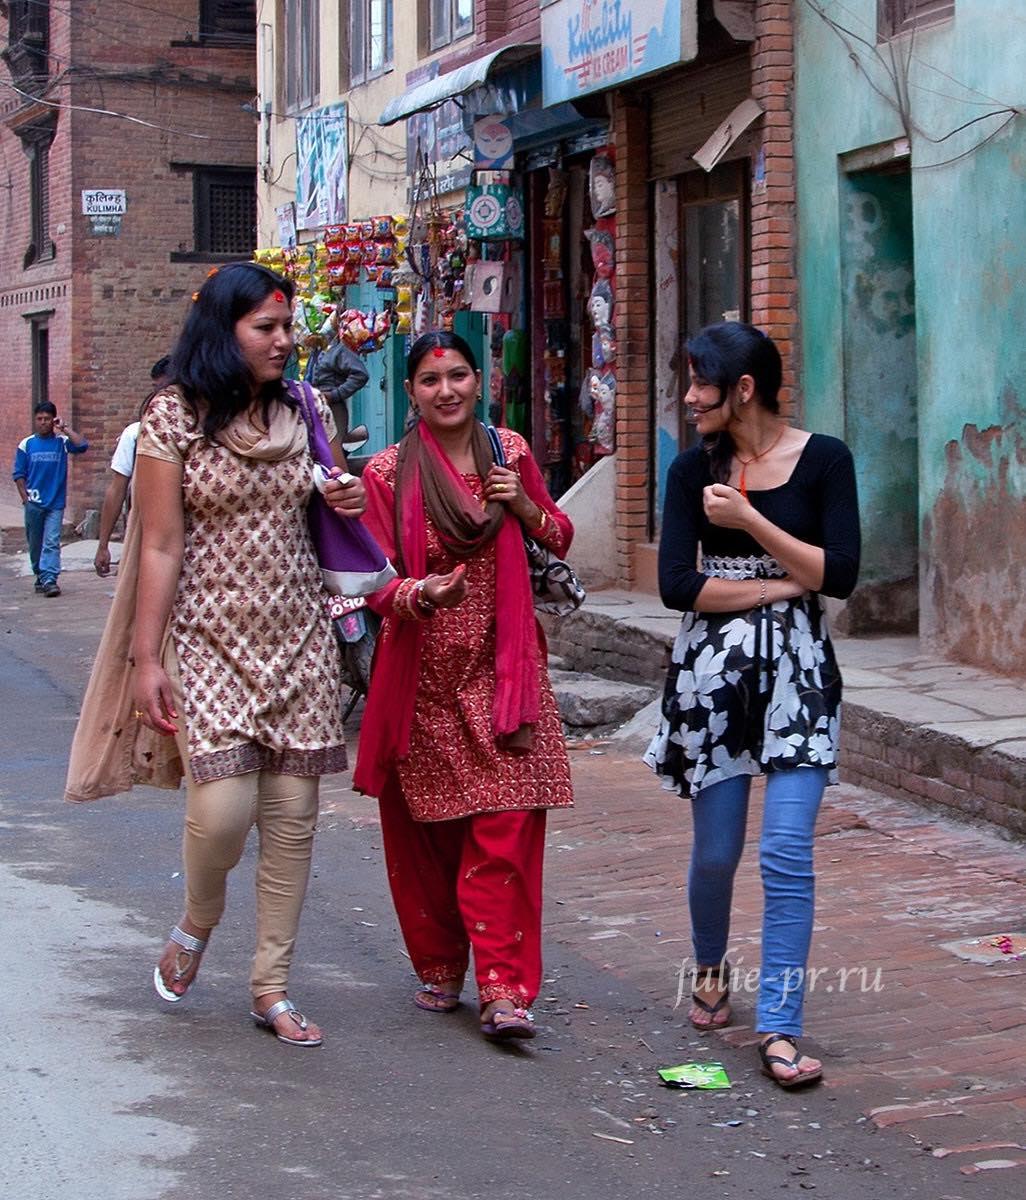 Непал, Катманду, девушки